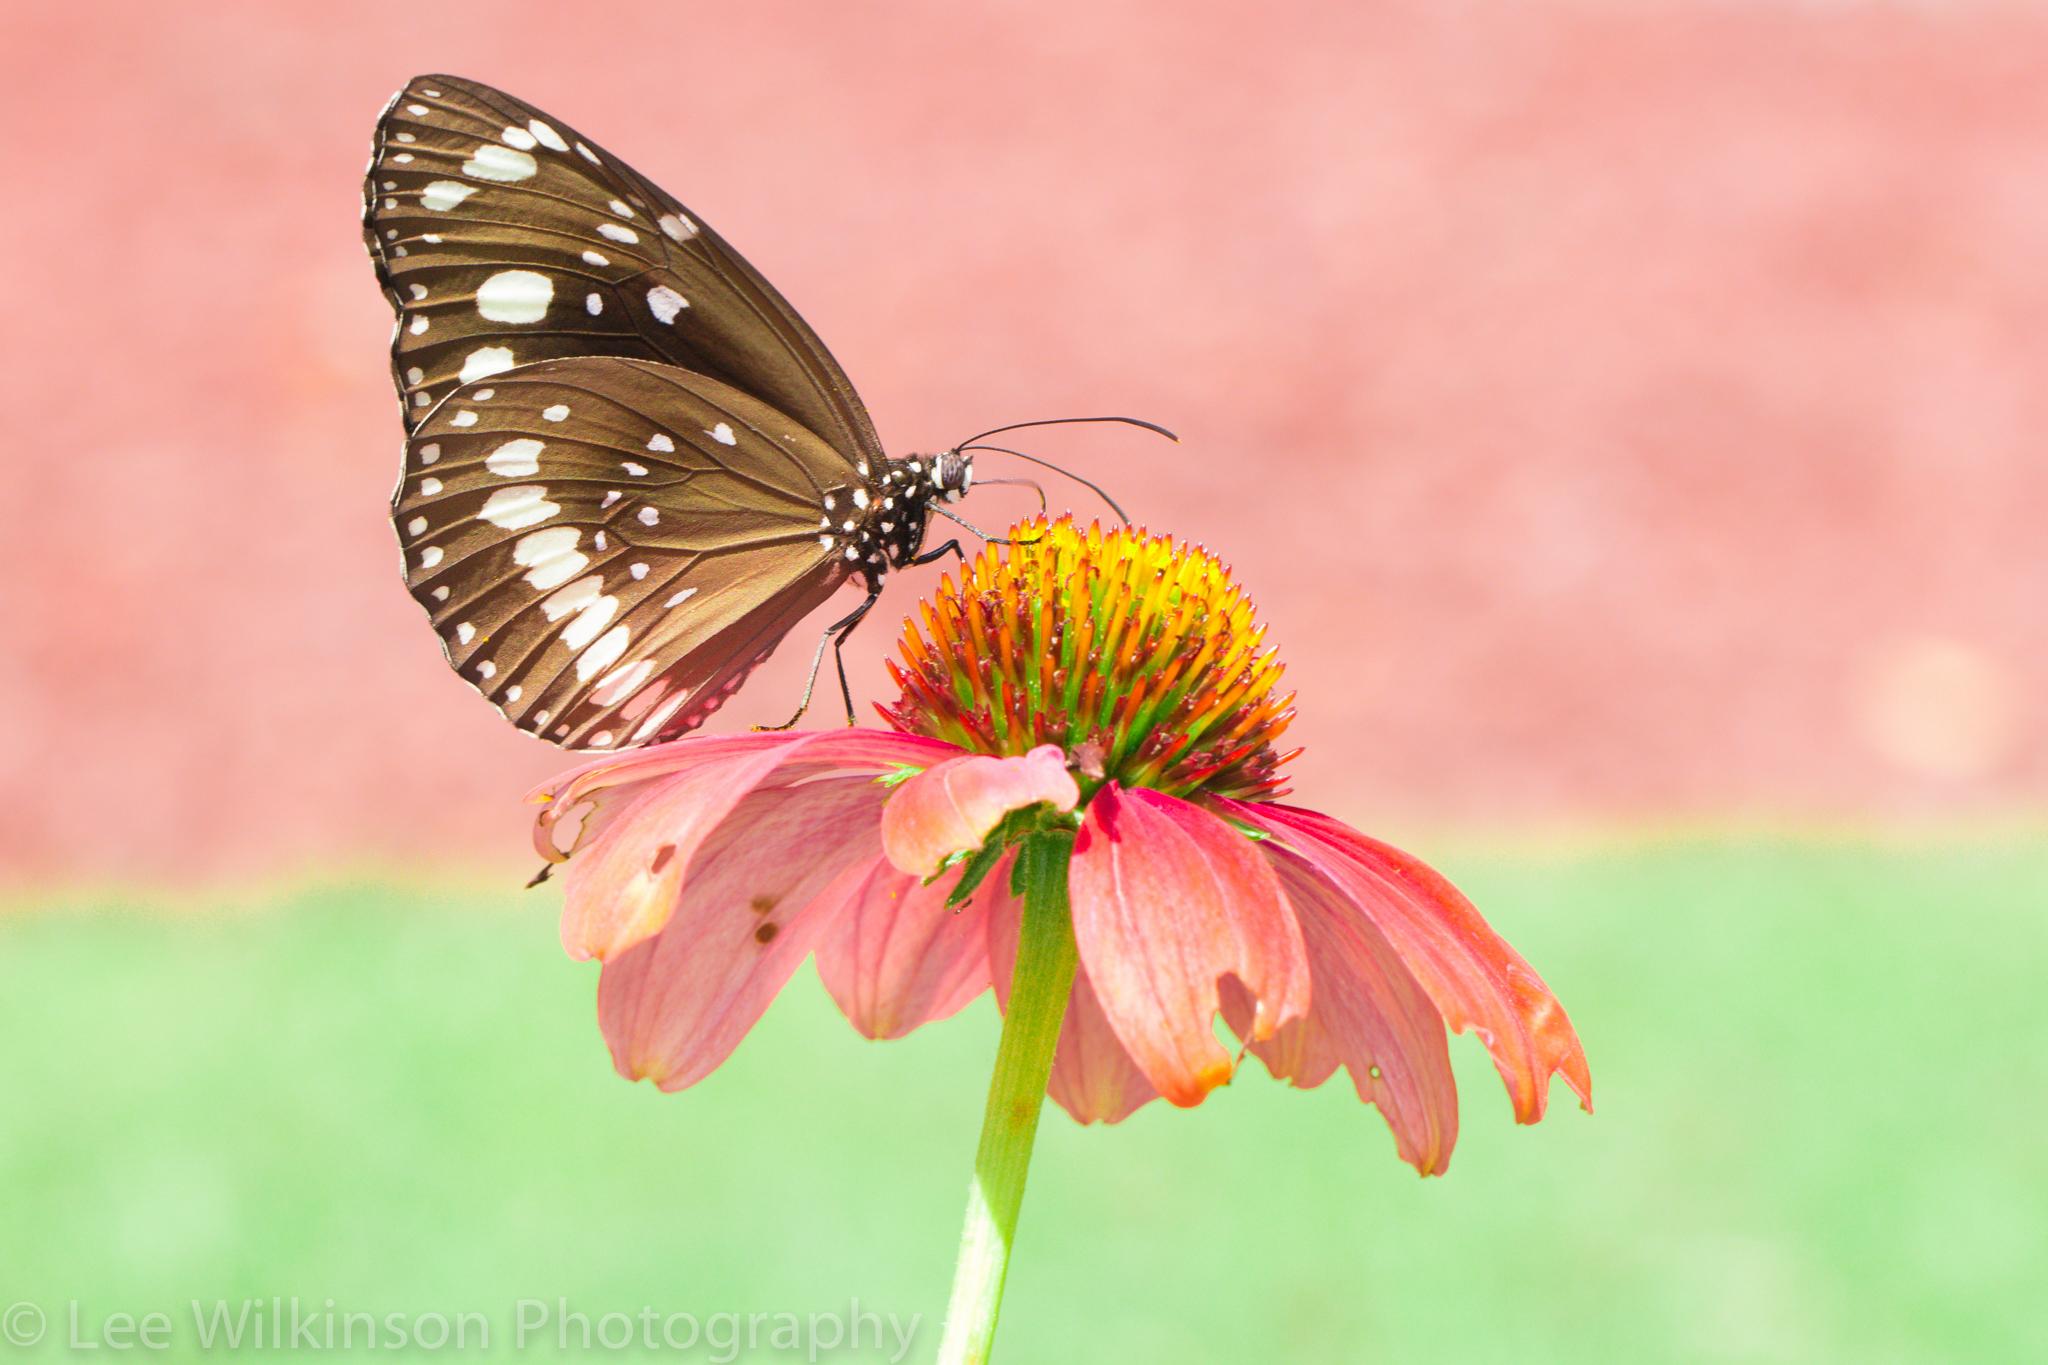 Mariposa en una flor rosada - 2048x1365